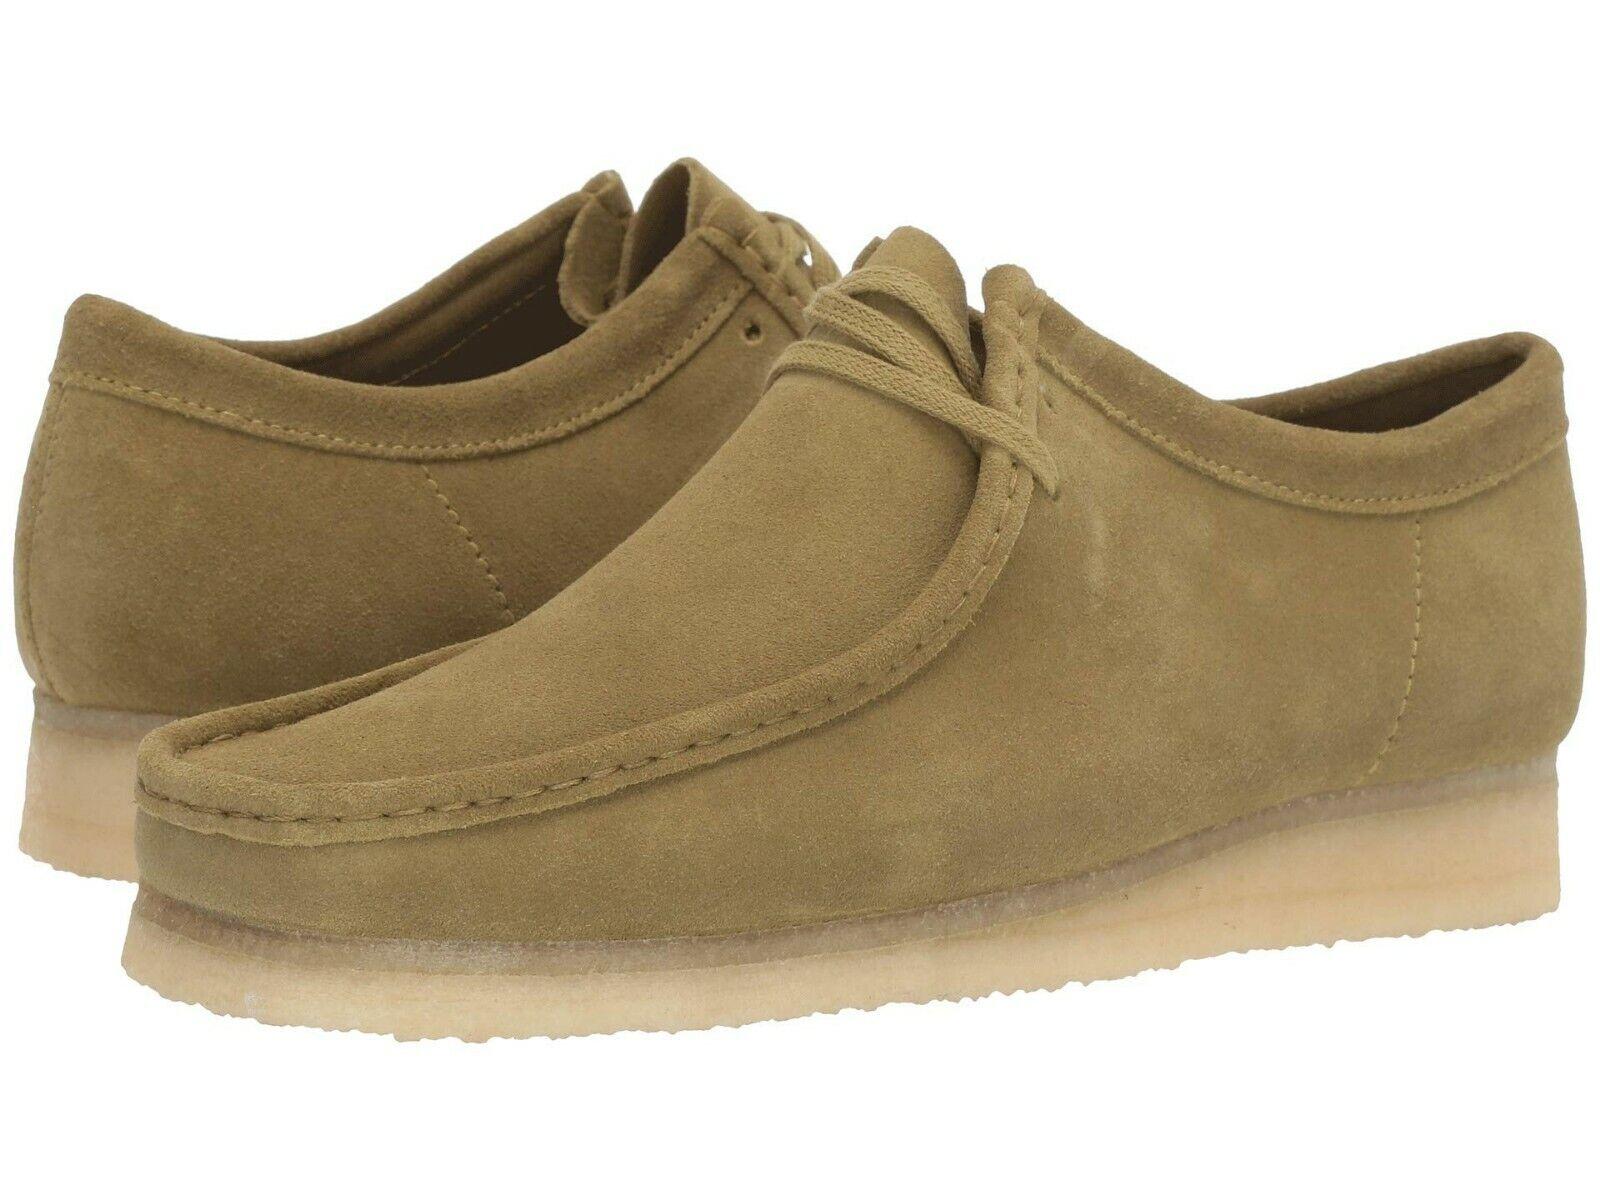 Men's Shoes Clarks Originals WALLABEE Suede Moccasins 46513 KHAKI